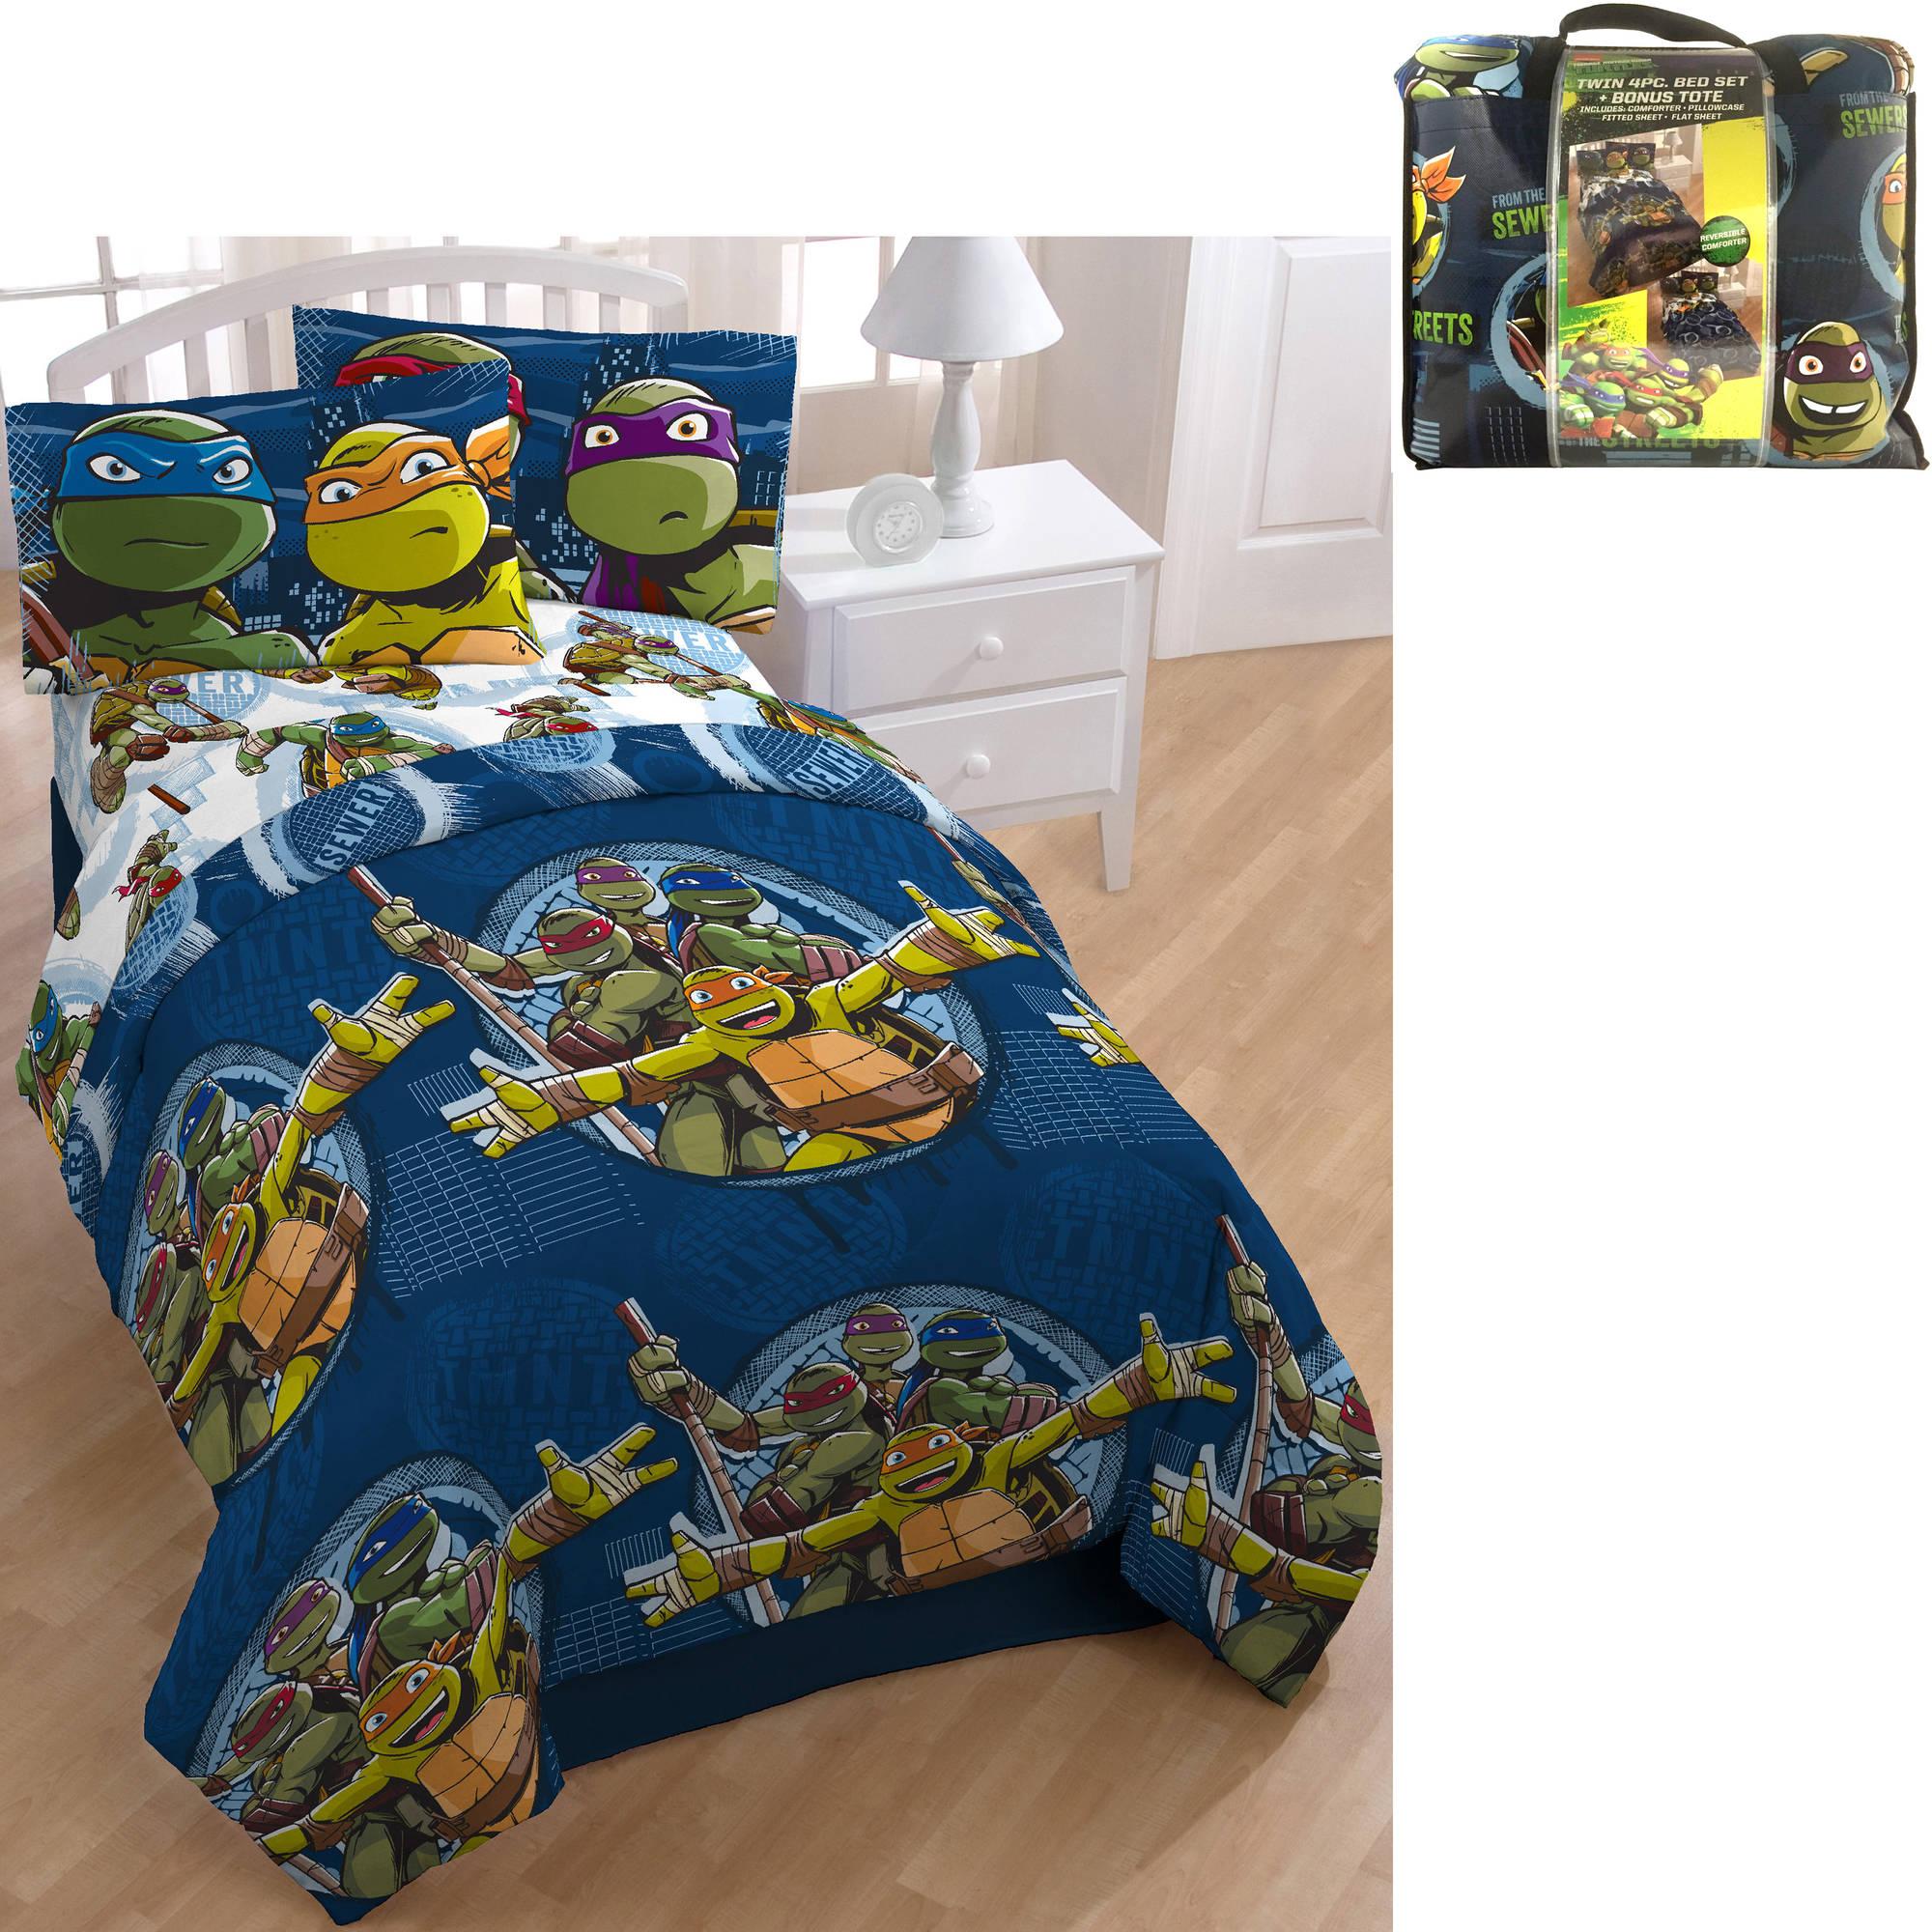 Nickelodeon Teenage Mutant Ninja Turtle Bed in a Bag 5 Piece Bedding Set with BONUS Tote